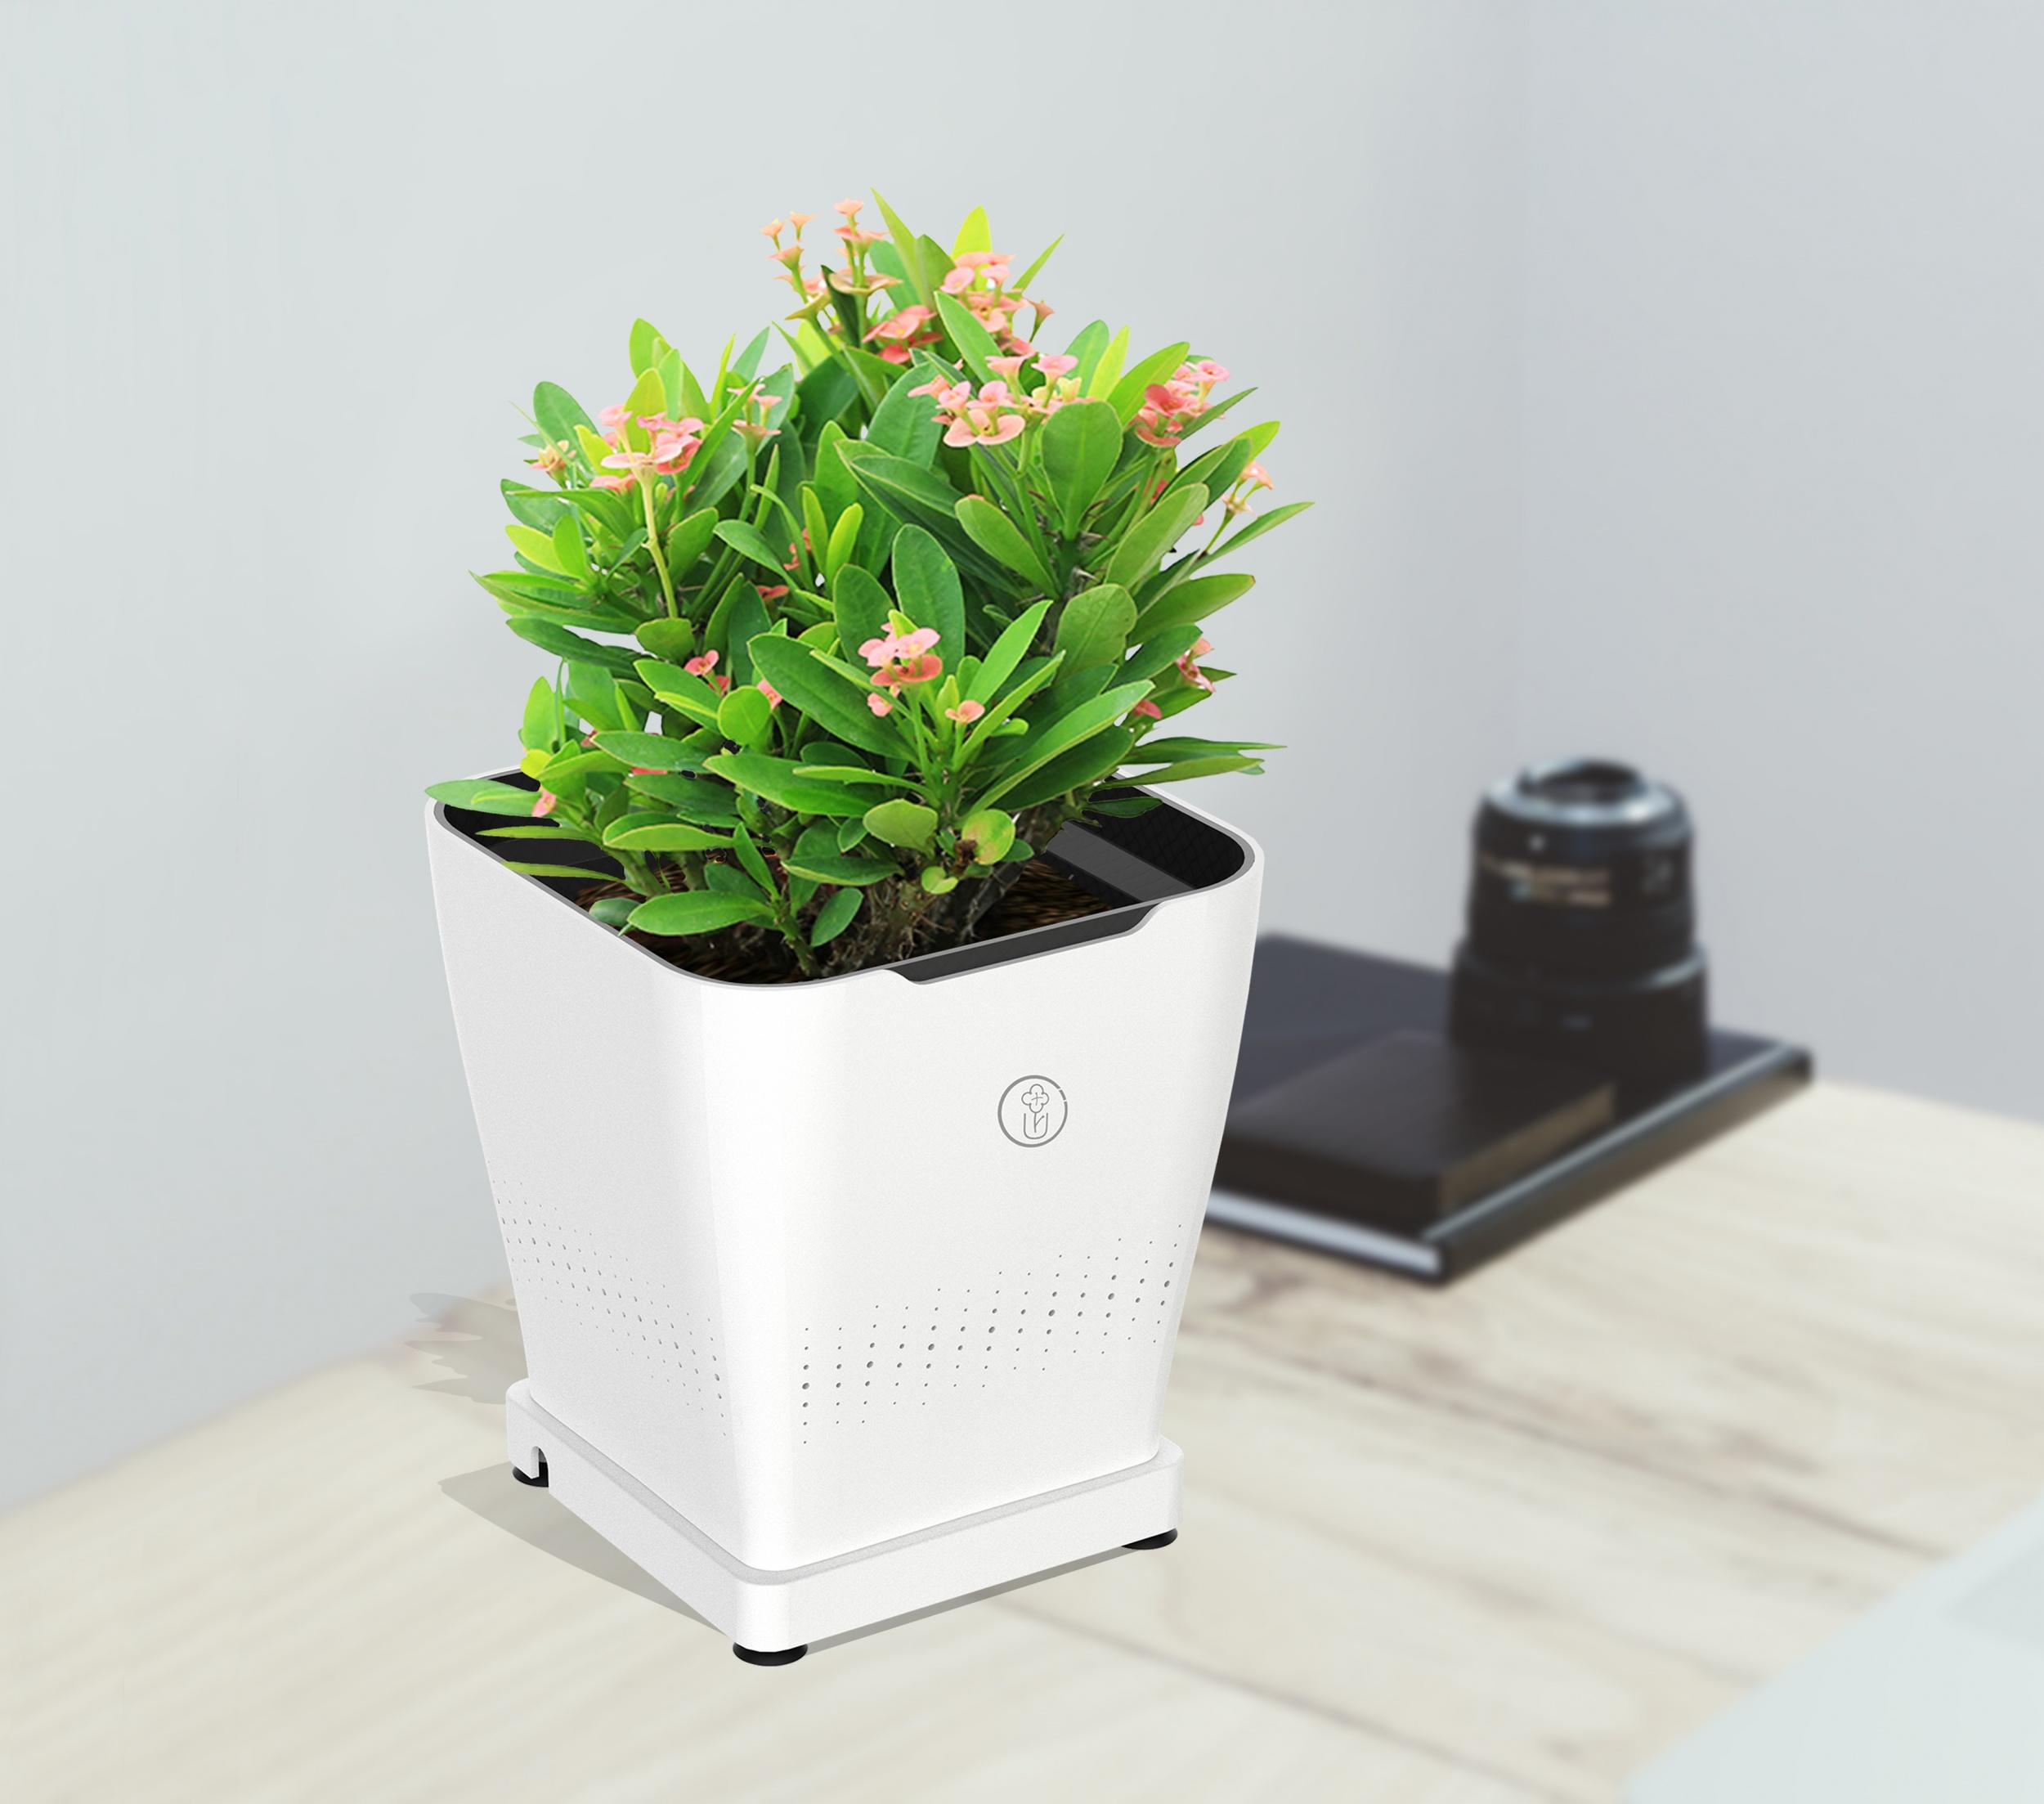 植物换盆技巧